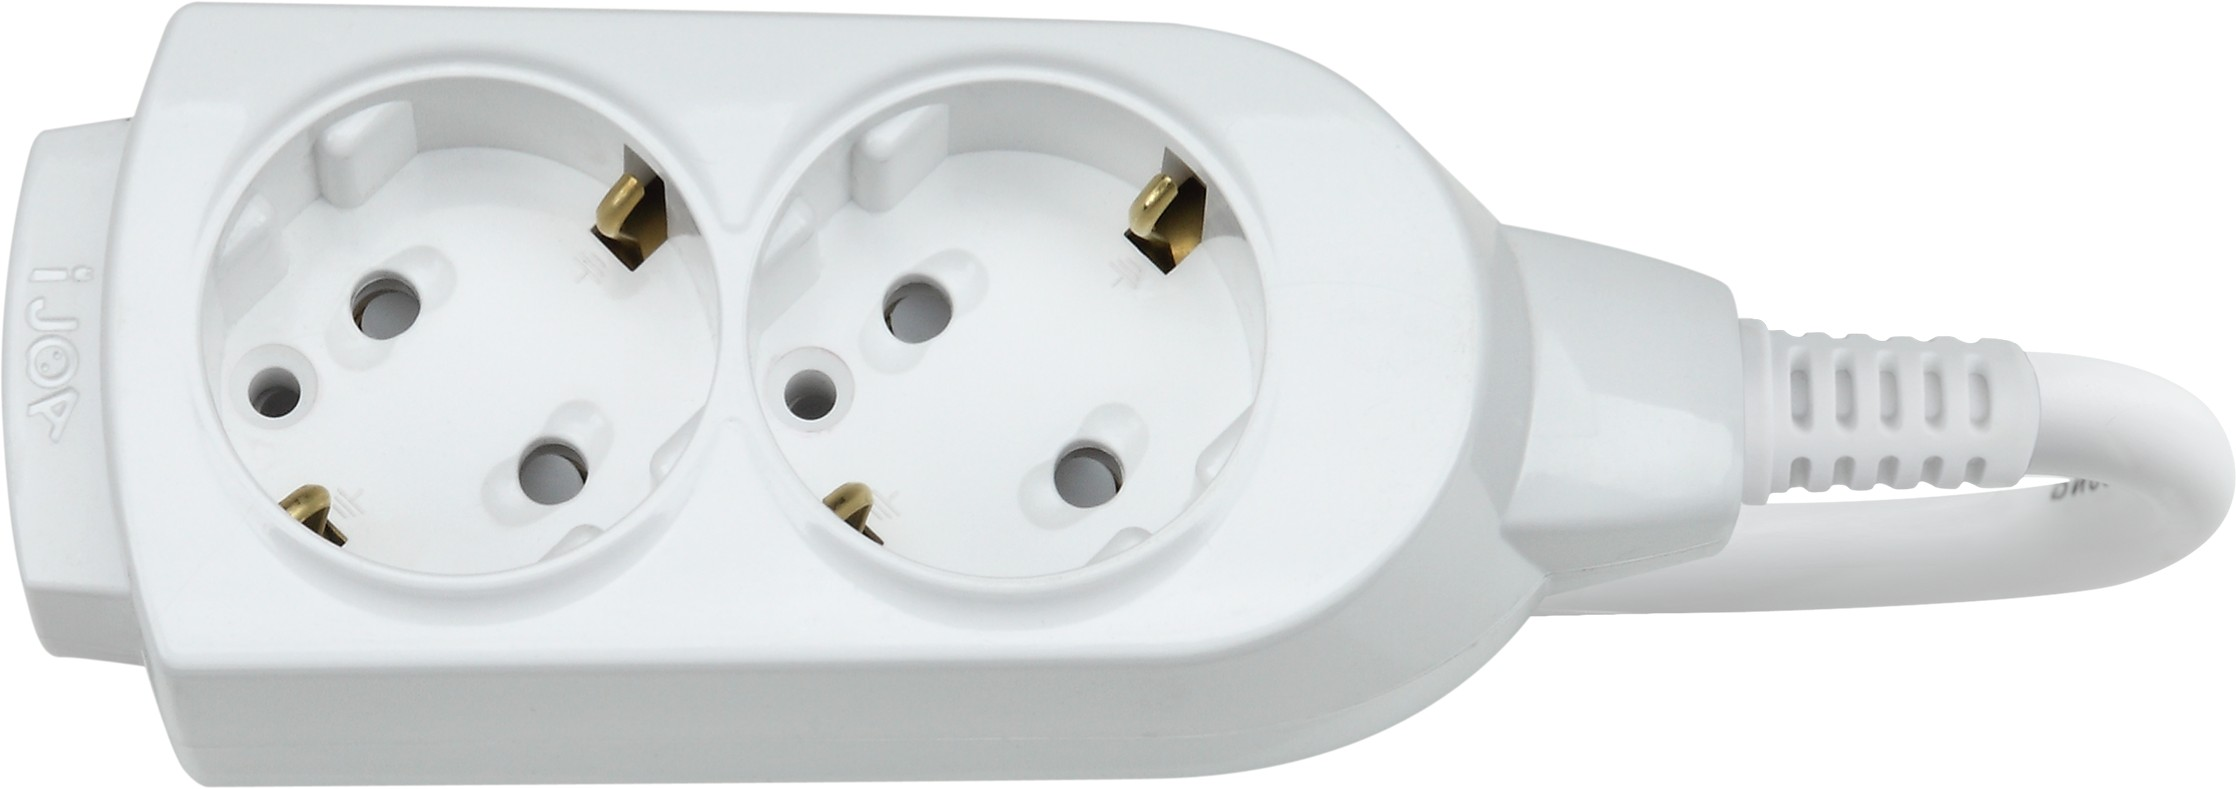 Удлинитель DaesungУдлинители и сетевые фильтры<br>Количество гнезд: 2, Заземление: есть, Тип удлинителя: удлинитель, Марка кабеля: ПВС, Число / сечение жил: 2х1.0, Длина (м): 1.5, Выключатель: нет, Цвет: белый, Шторки: нет, Наличие катушки: нет, USB порт: нет, Сила тока: 10, Автоматическое сматывание кабеля: нет, Степень защиты от пыли и влаги: IP 20<br>